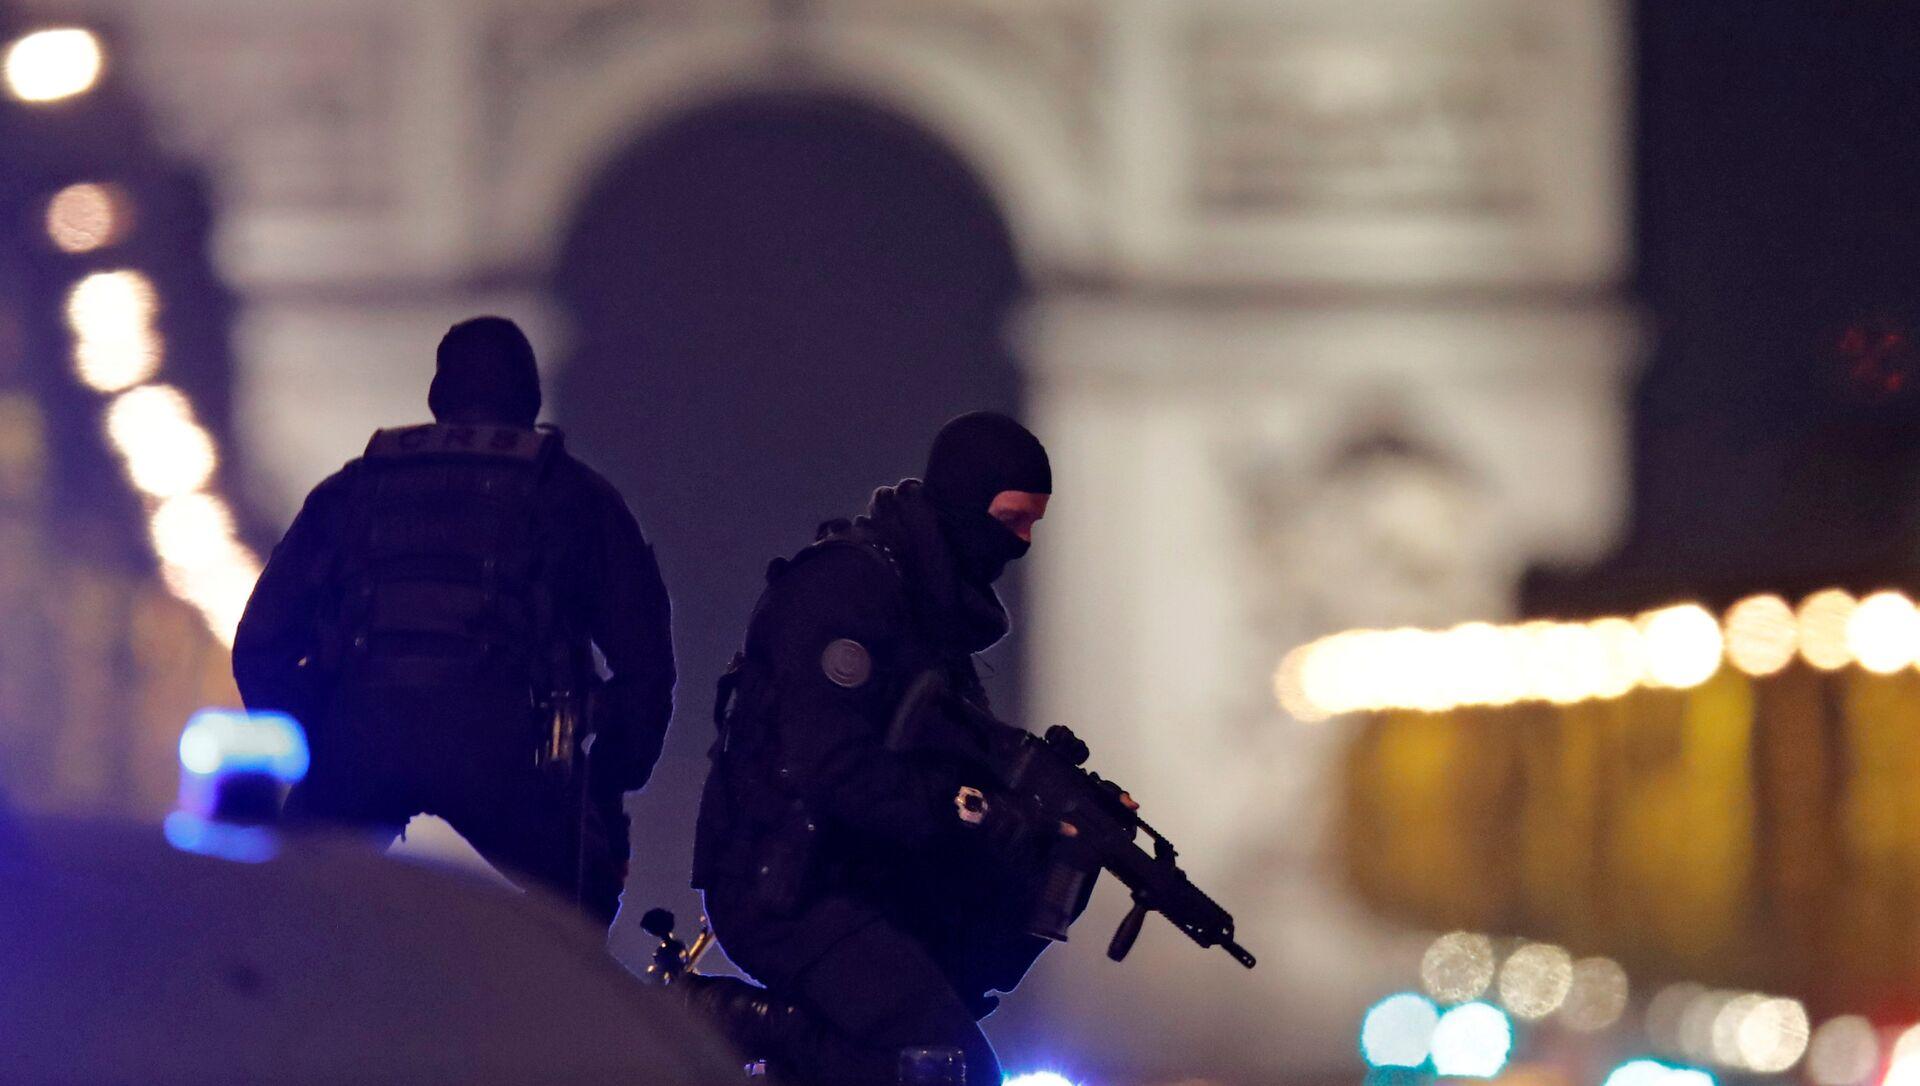 La police au centre de Paris suite à une attaque sur les Champs-Elysées - Sputnik France, 1920, 22.02.2021